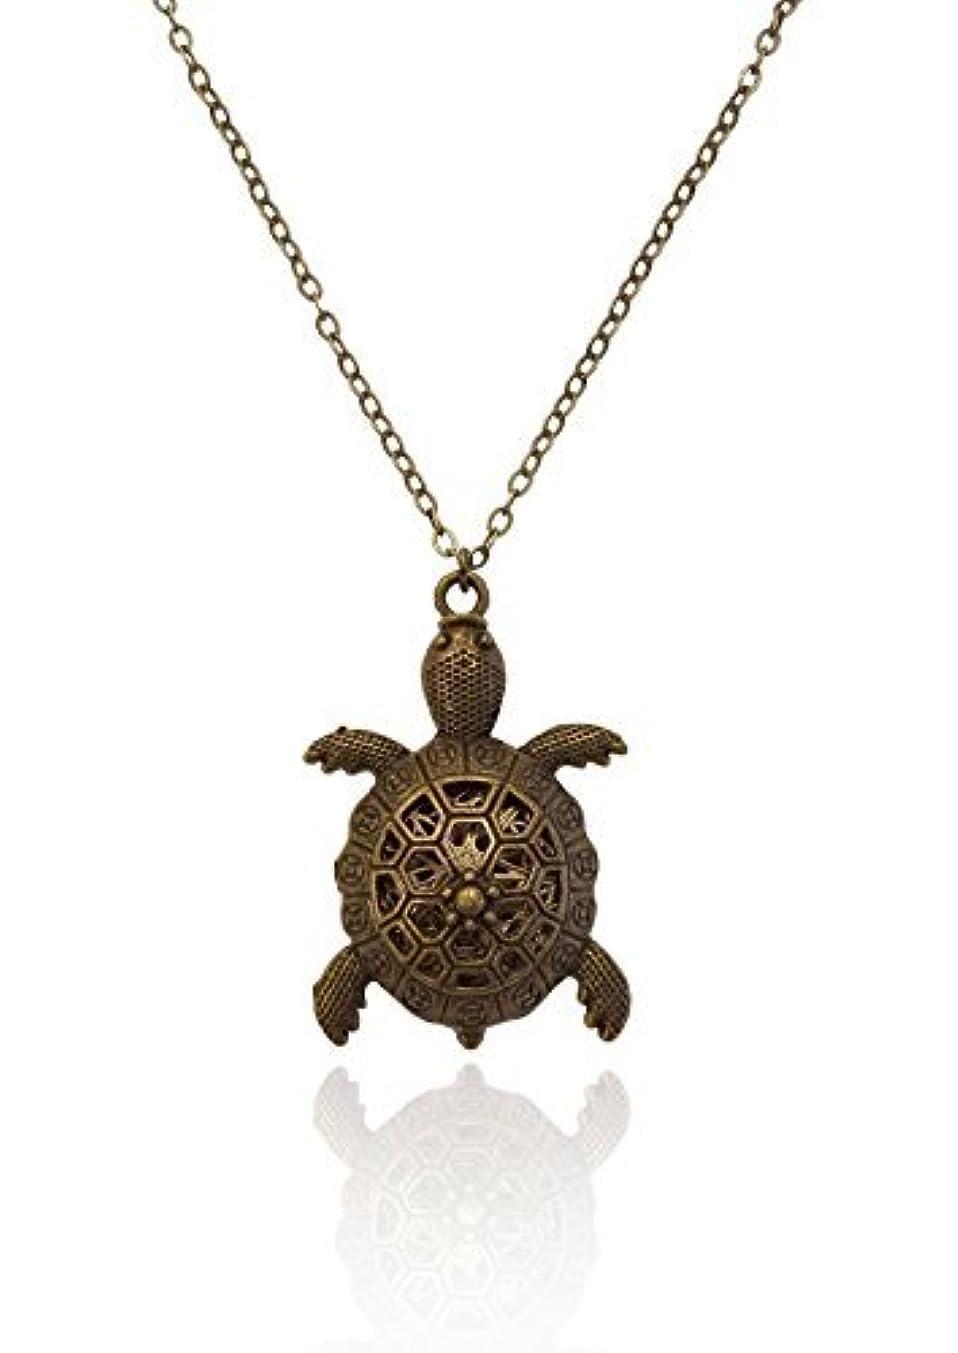 自分のためにハチ充電Turtle Charm Bronze-Tone Brass-Tone Aromatherapy Necklace Essential Oil Diffuser Locket Pendant Jewelry Diffuser...